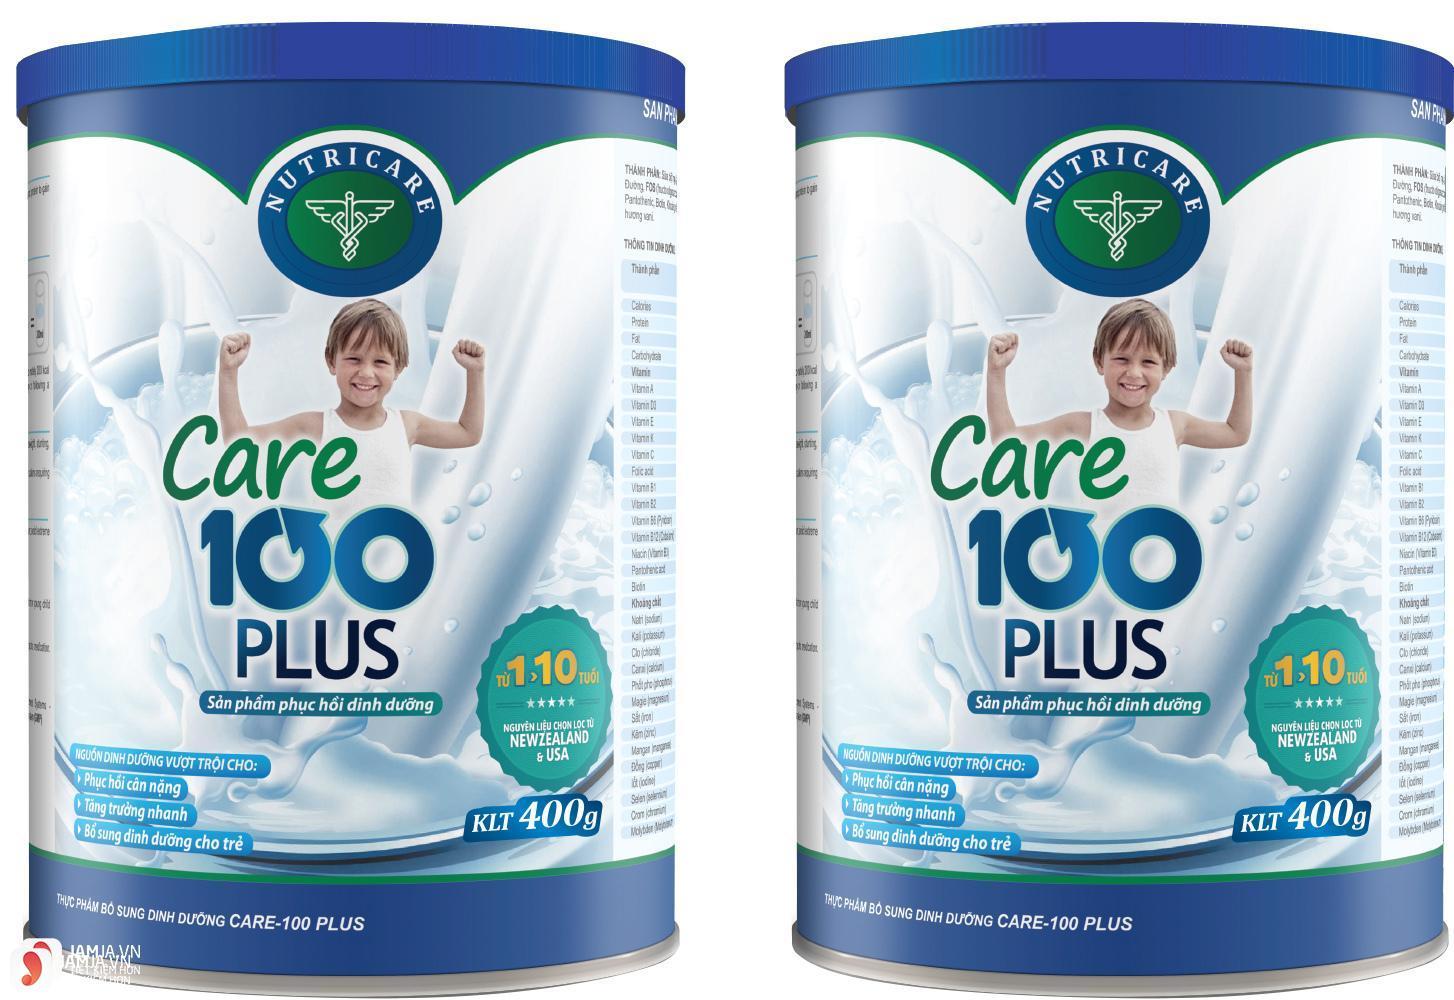 Những điều cần biết về sữaCare 100 Plus 3